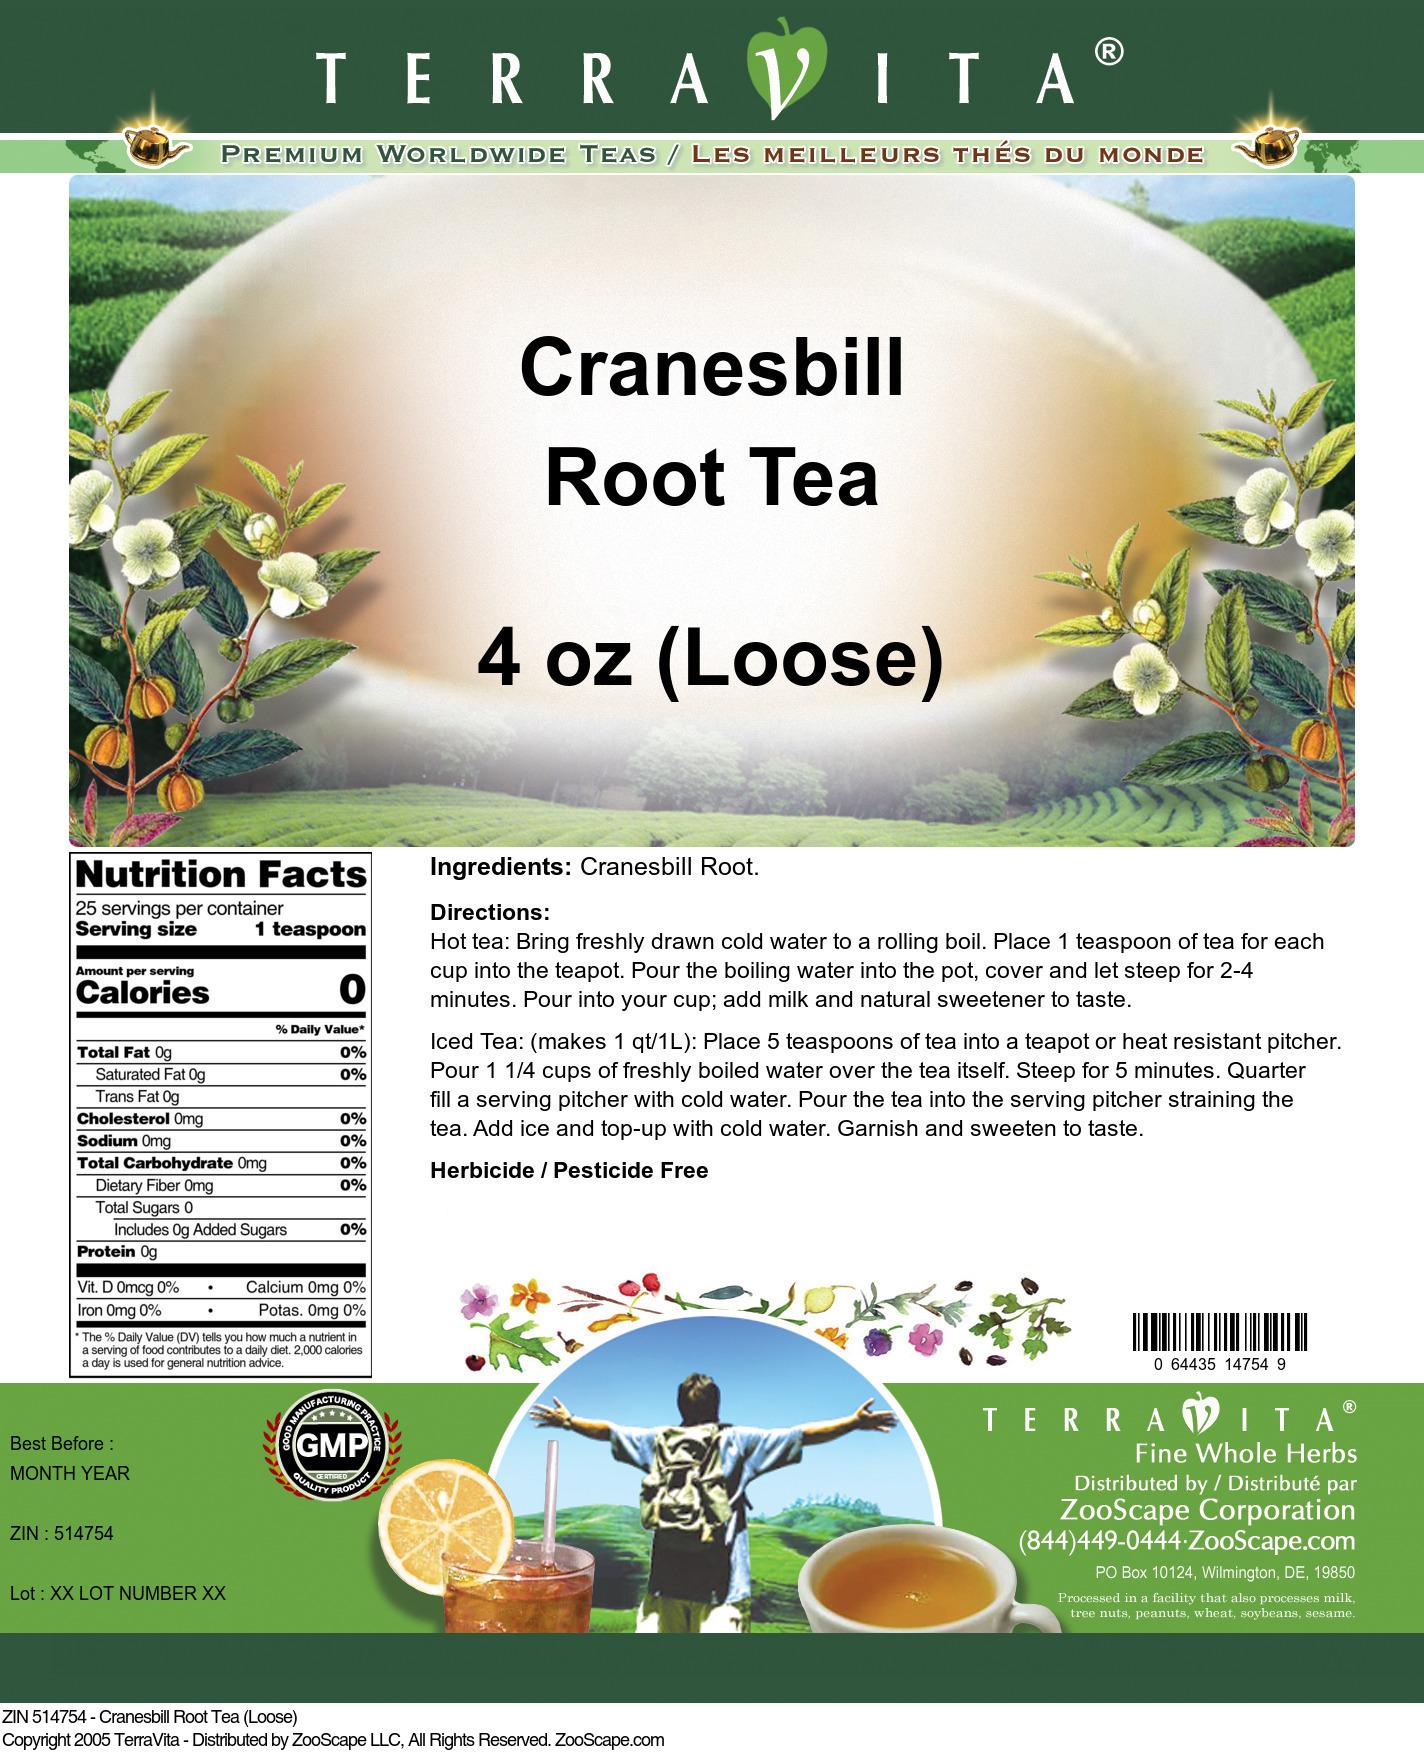 Cranesbill Root Tea (Loose)